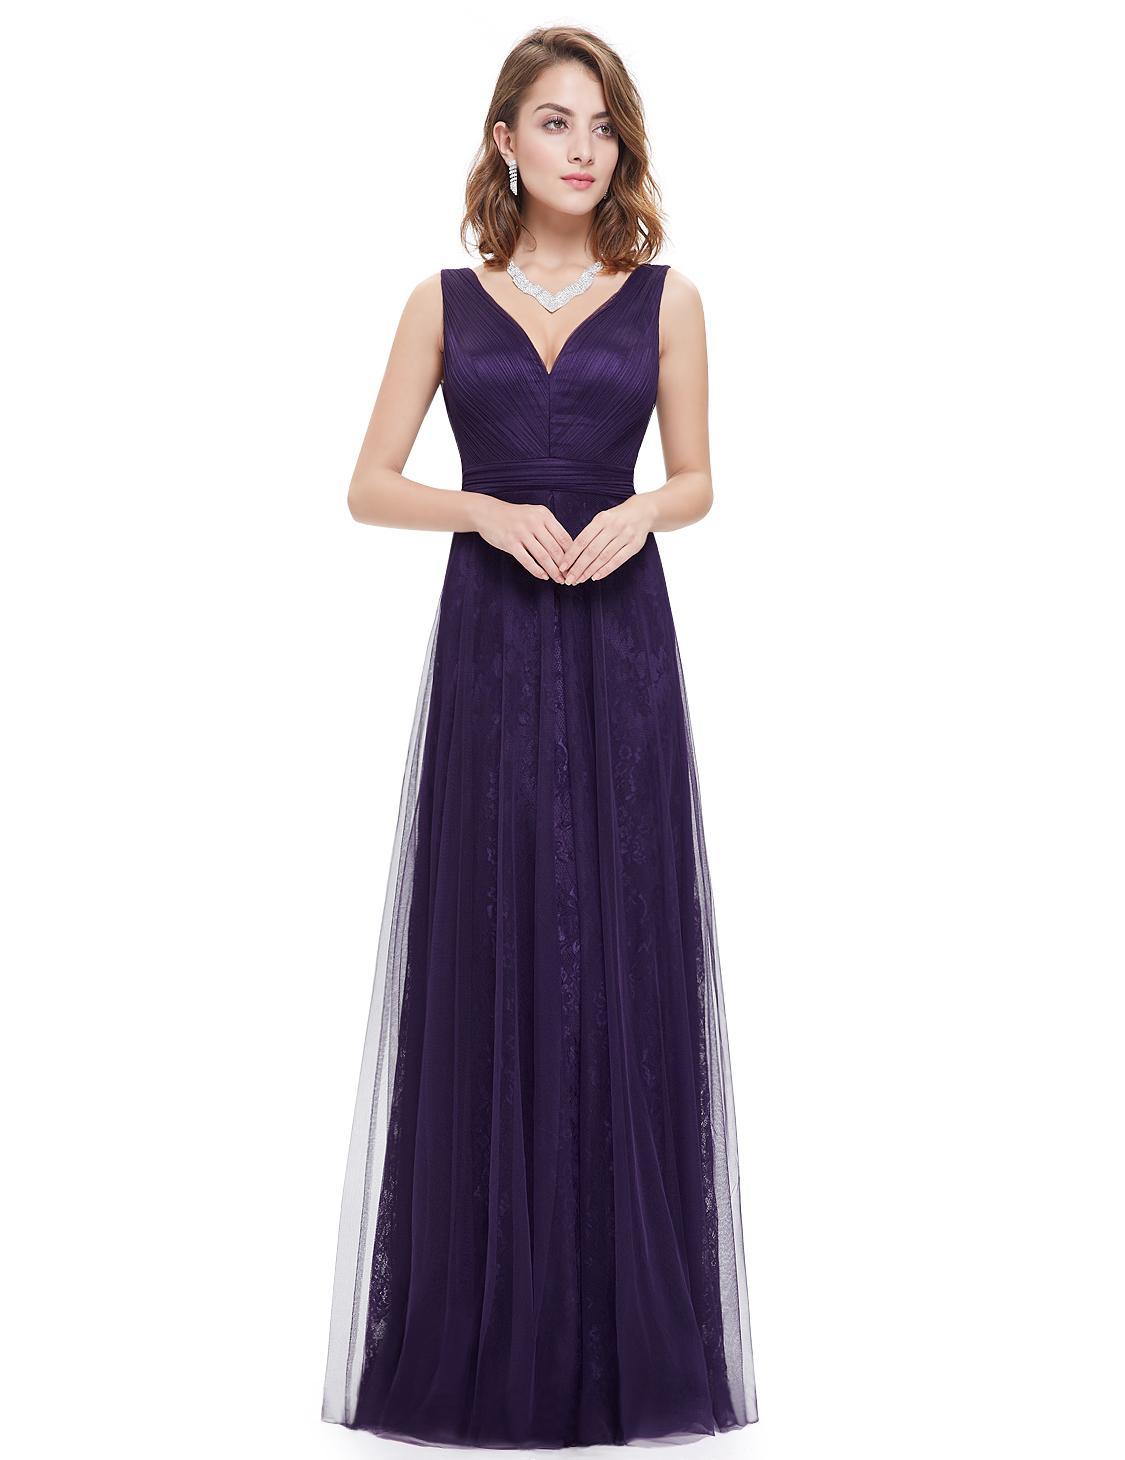 Fialové tmavé večerní šaty i pro starší dámy na galavečer 46 XXXL ... 37d767299e